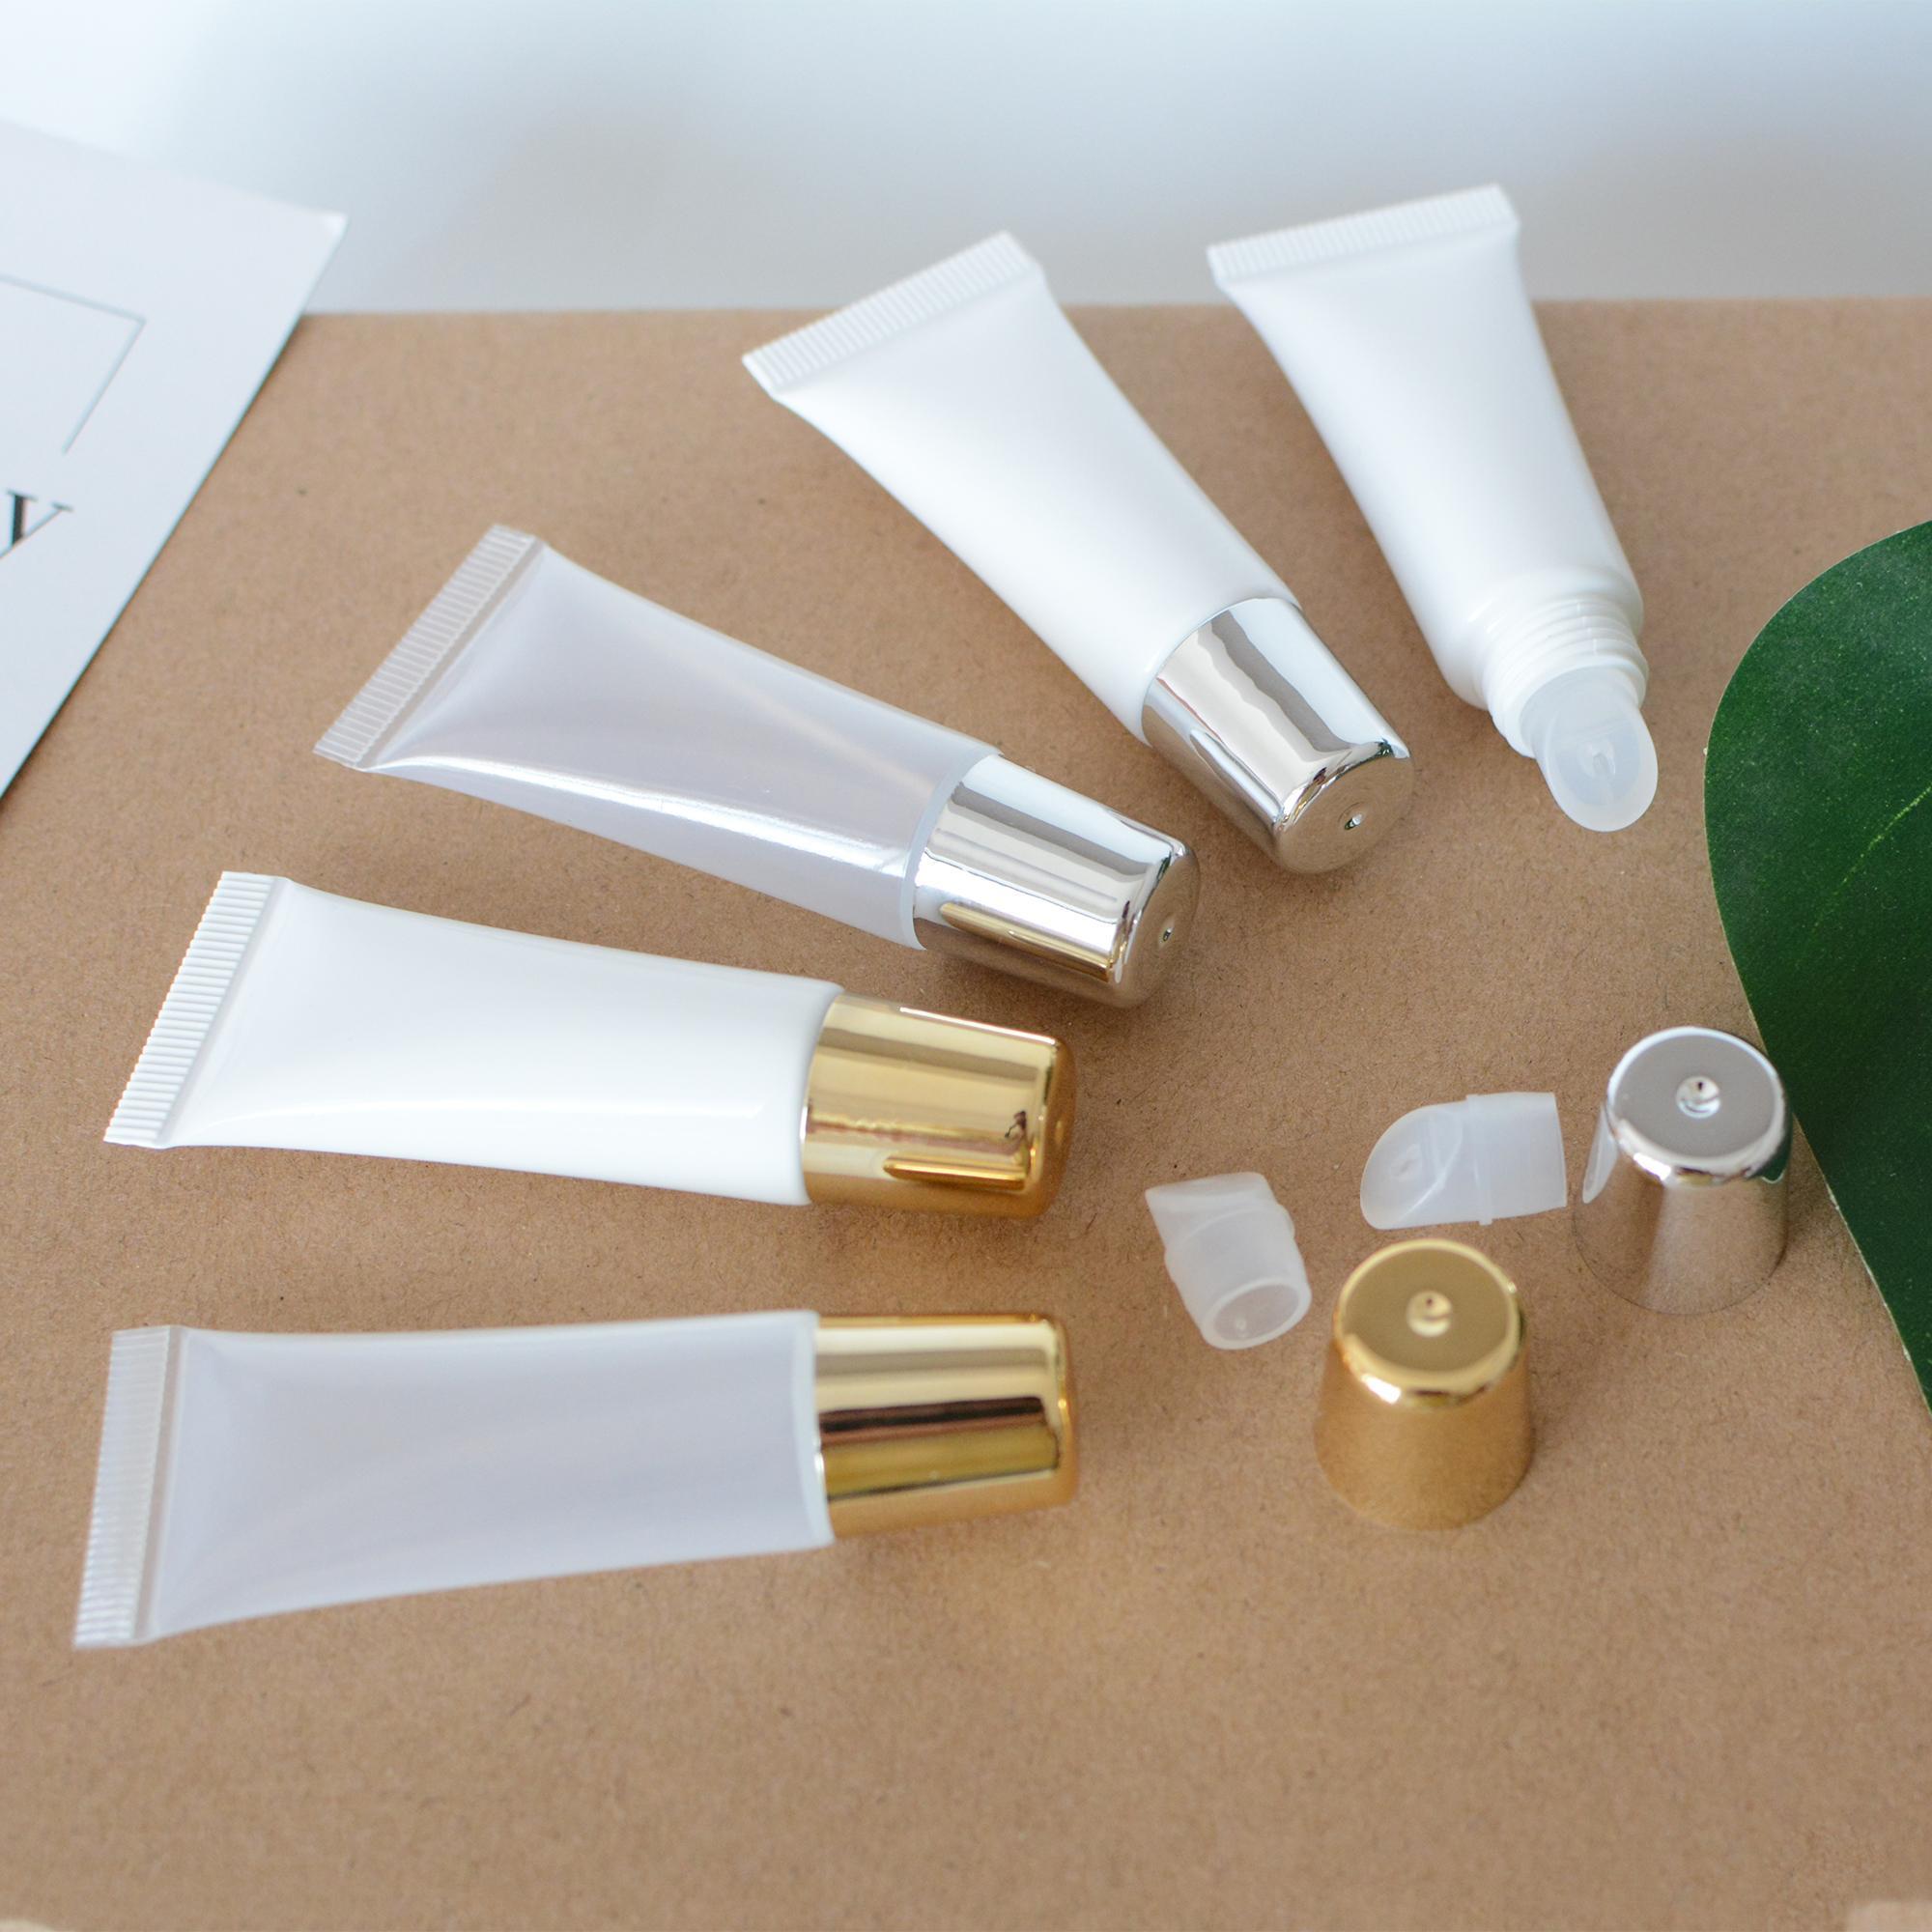 10ML PE الخالي الضغط ملمع الشفاه أنابيب الحاويات، وبالجملة، DIY اليدوية PE ضغط الشفاه الصقيل الحاويات أنابيب الذهبية / الفضية كاب